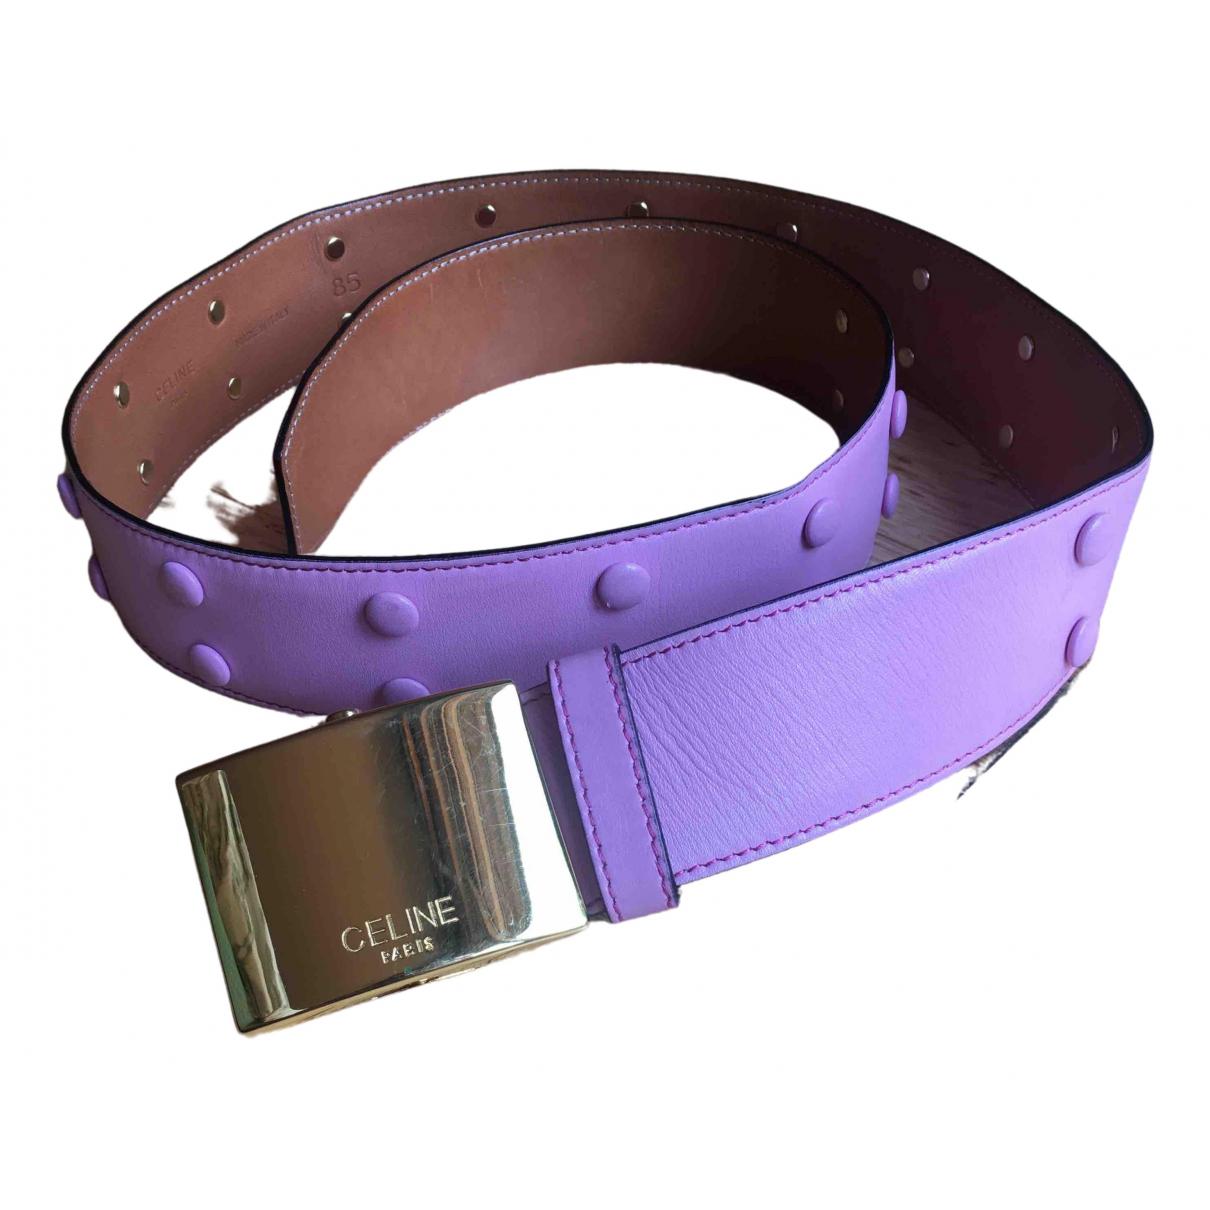 Celine \N Pink Leather belt for Women 95 cm